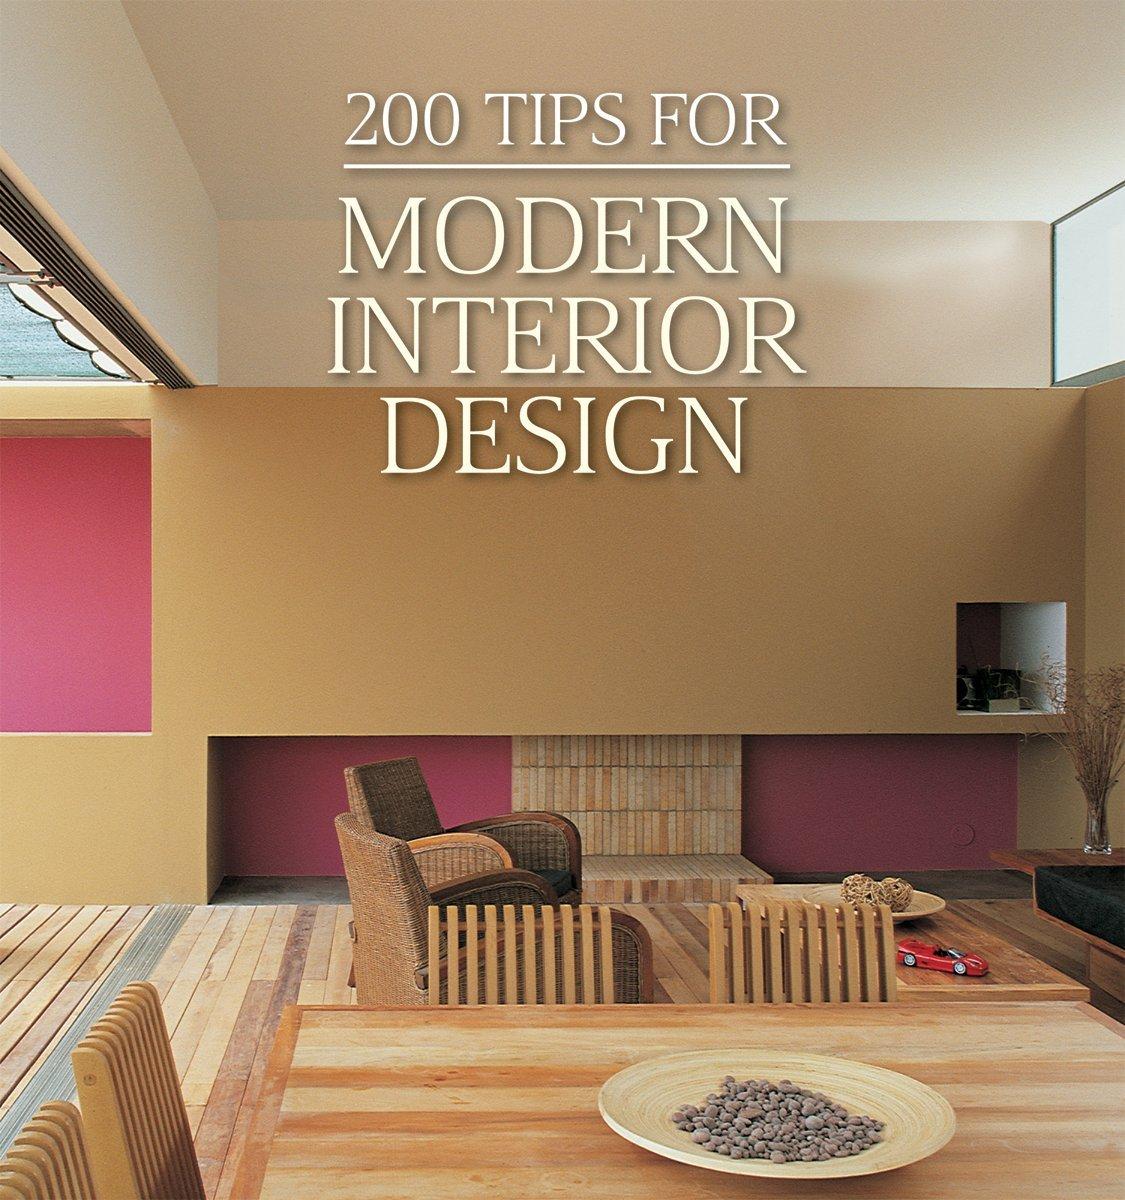 Illustrator Flat Bed Room Design